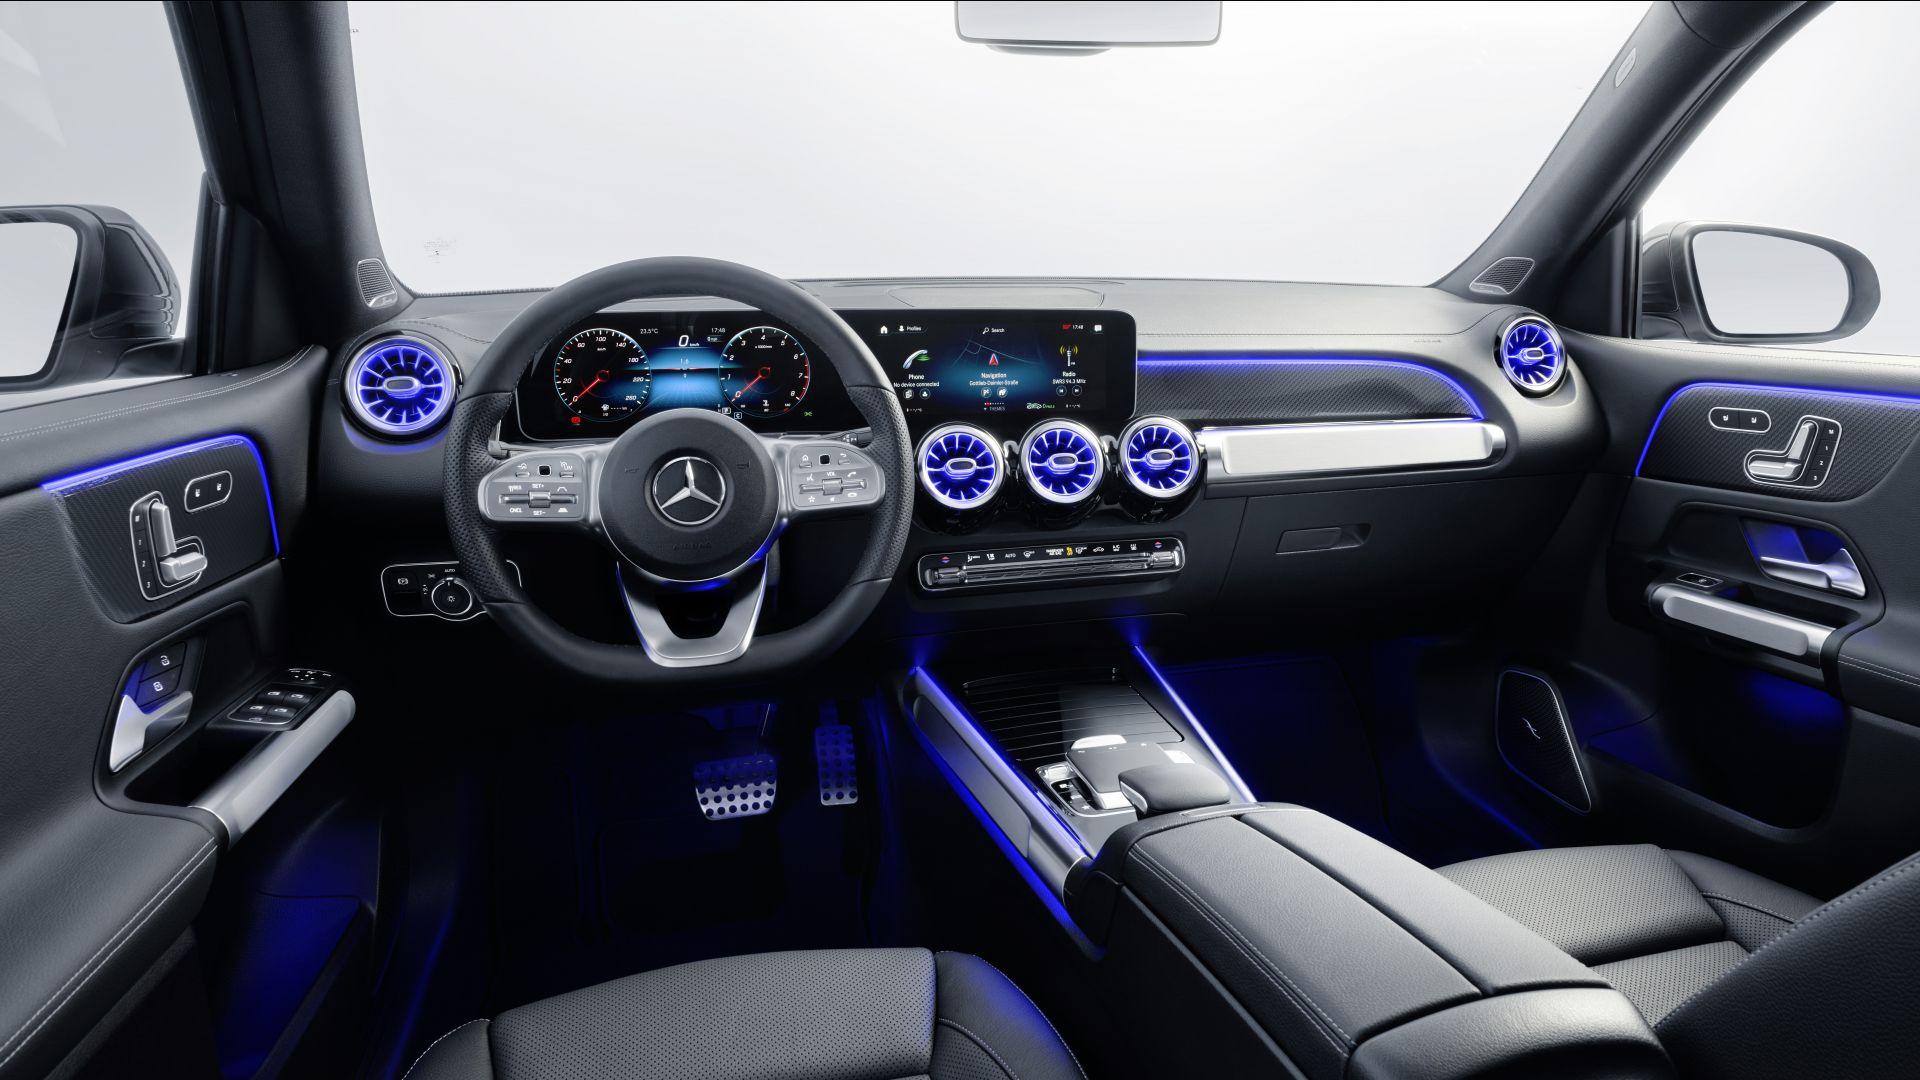 Mercedes Benz Suv >> Nuovo Suv Mercedes GLB 2020: dimensioni, interni, prezzo ...